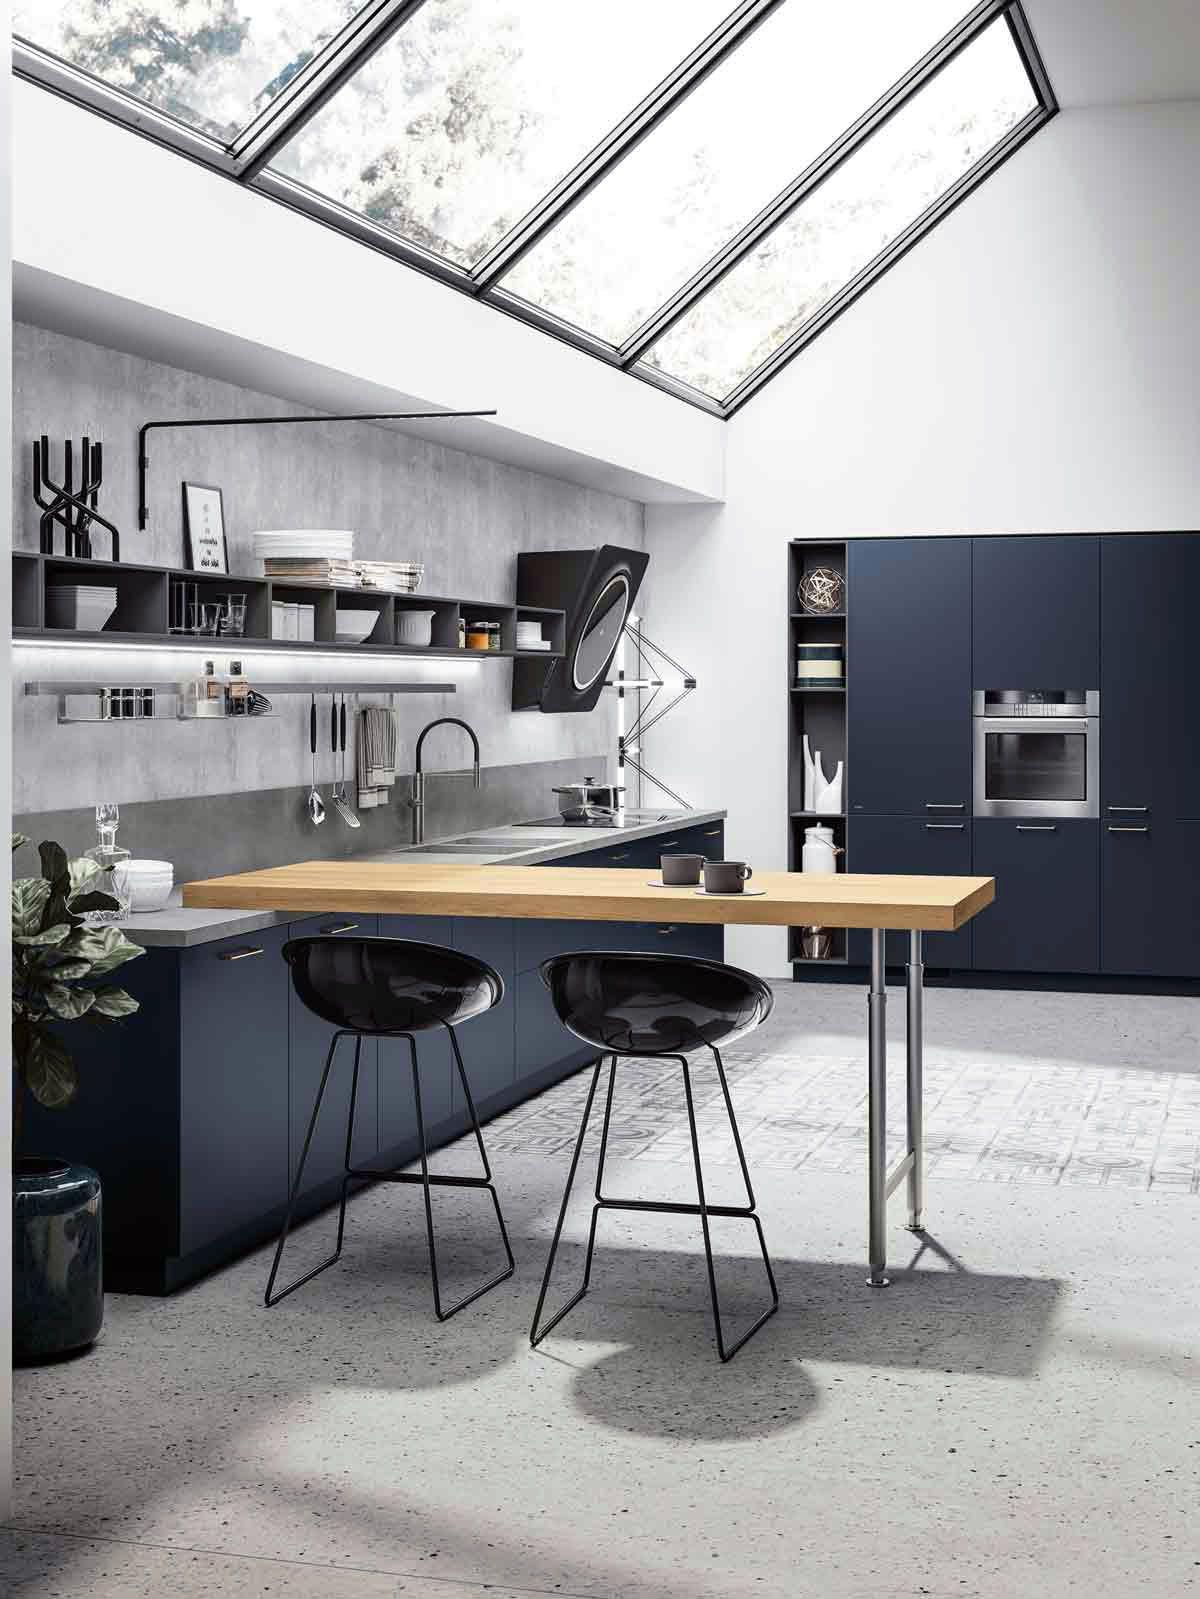 45 proper navy colors for scandinavian kitchen ideas in 2020 scandinavian kitchen kitchen on kitchen decor navy id=57921